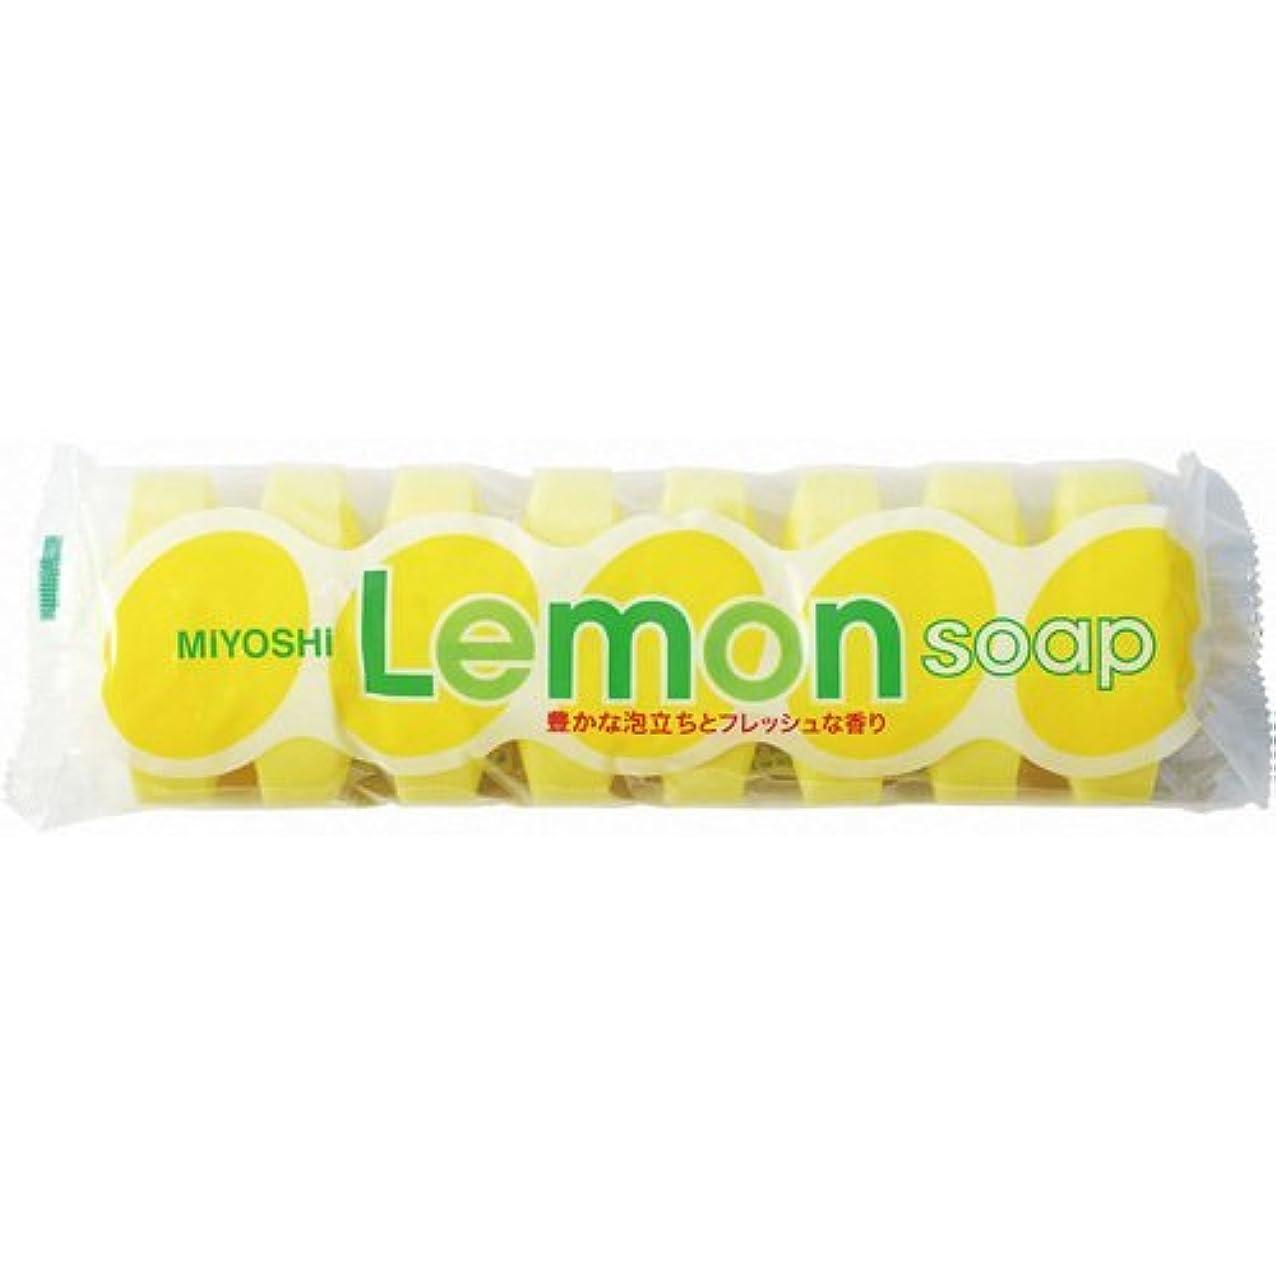 購入鉛筆下にミヨシ レモンソープ 45g×8個入